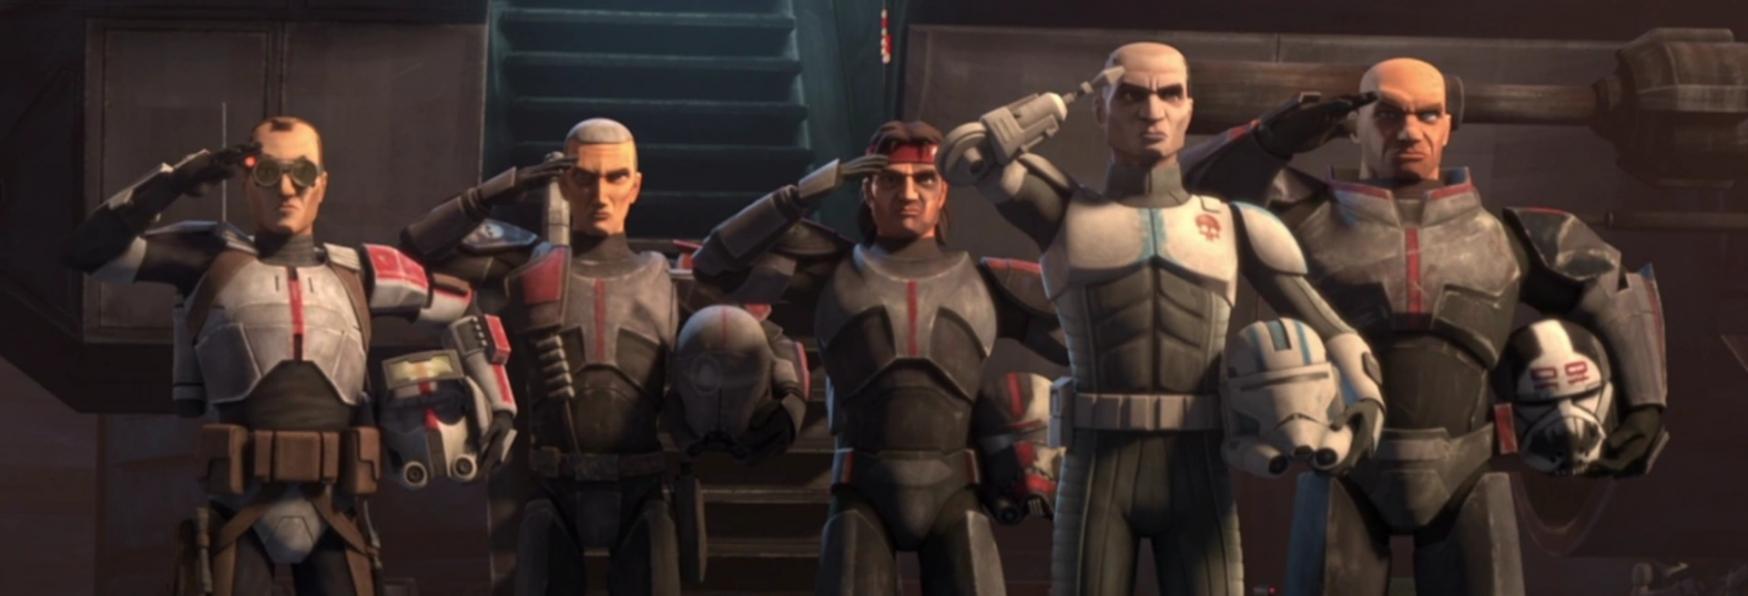 Star Wars: The Bad Batch - Tutte le Informazioni Note sulla Serie TV in uscita su Disney+